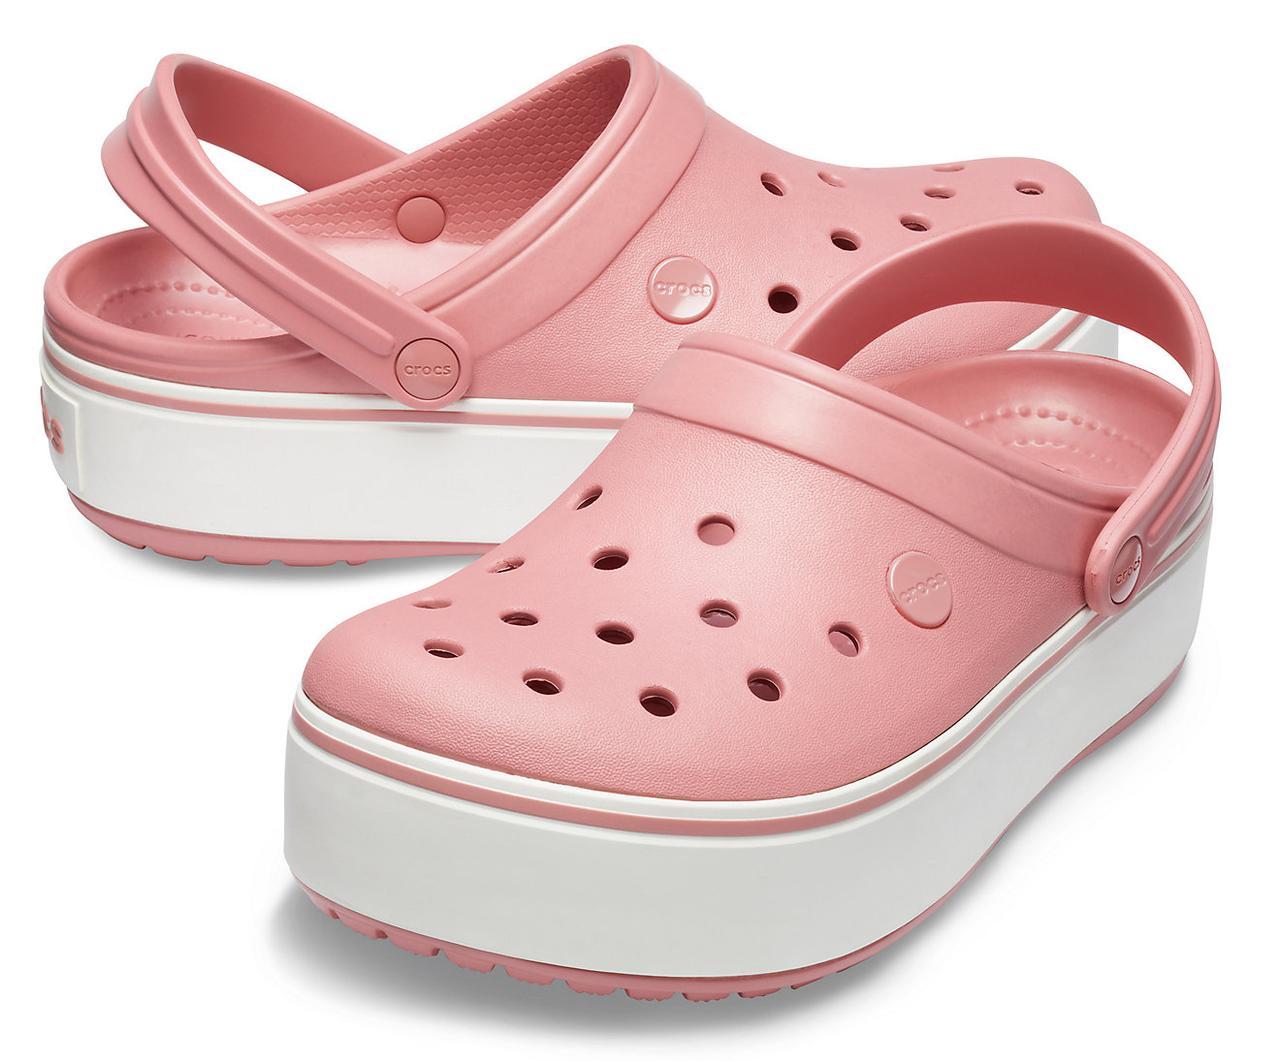 Кроксы летние Crocs Platform розовые 39 разм.